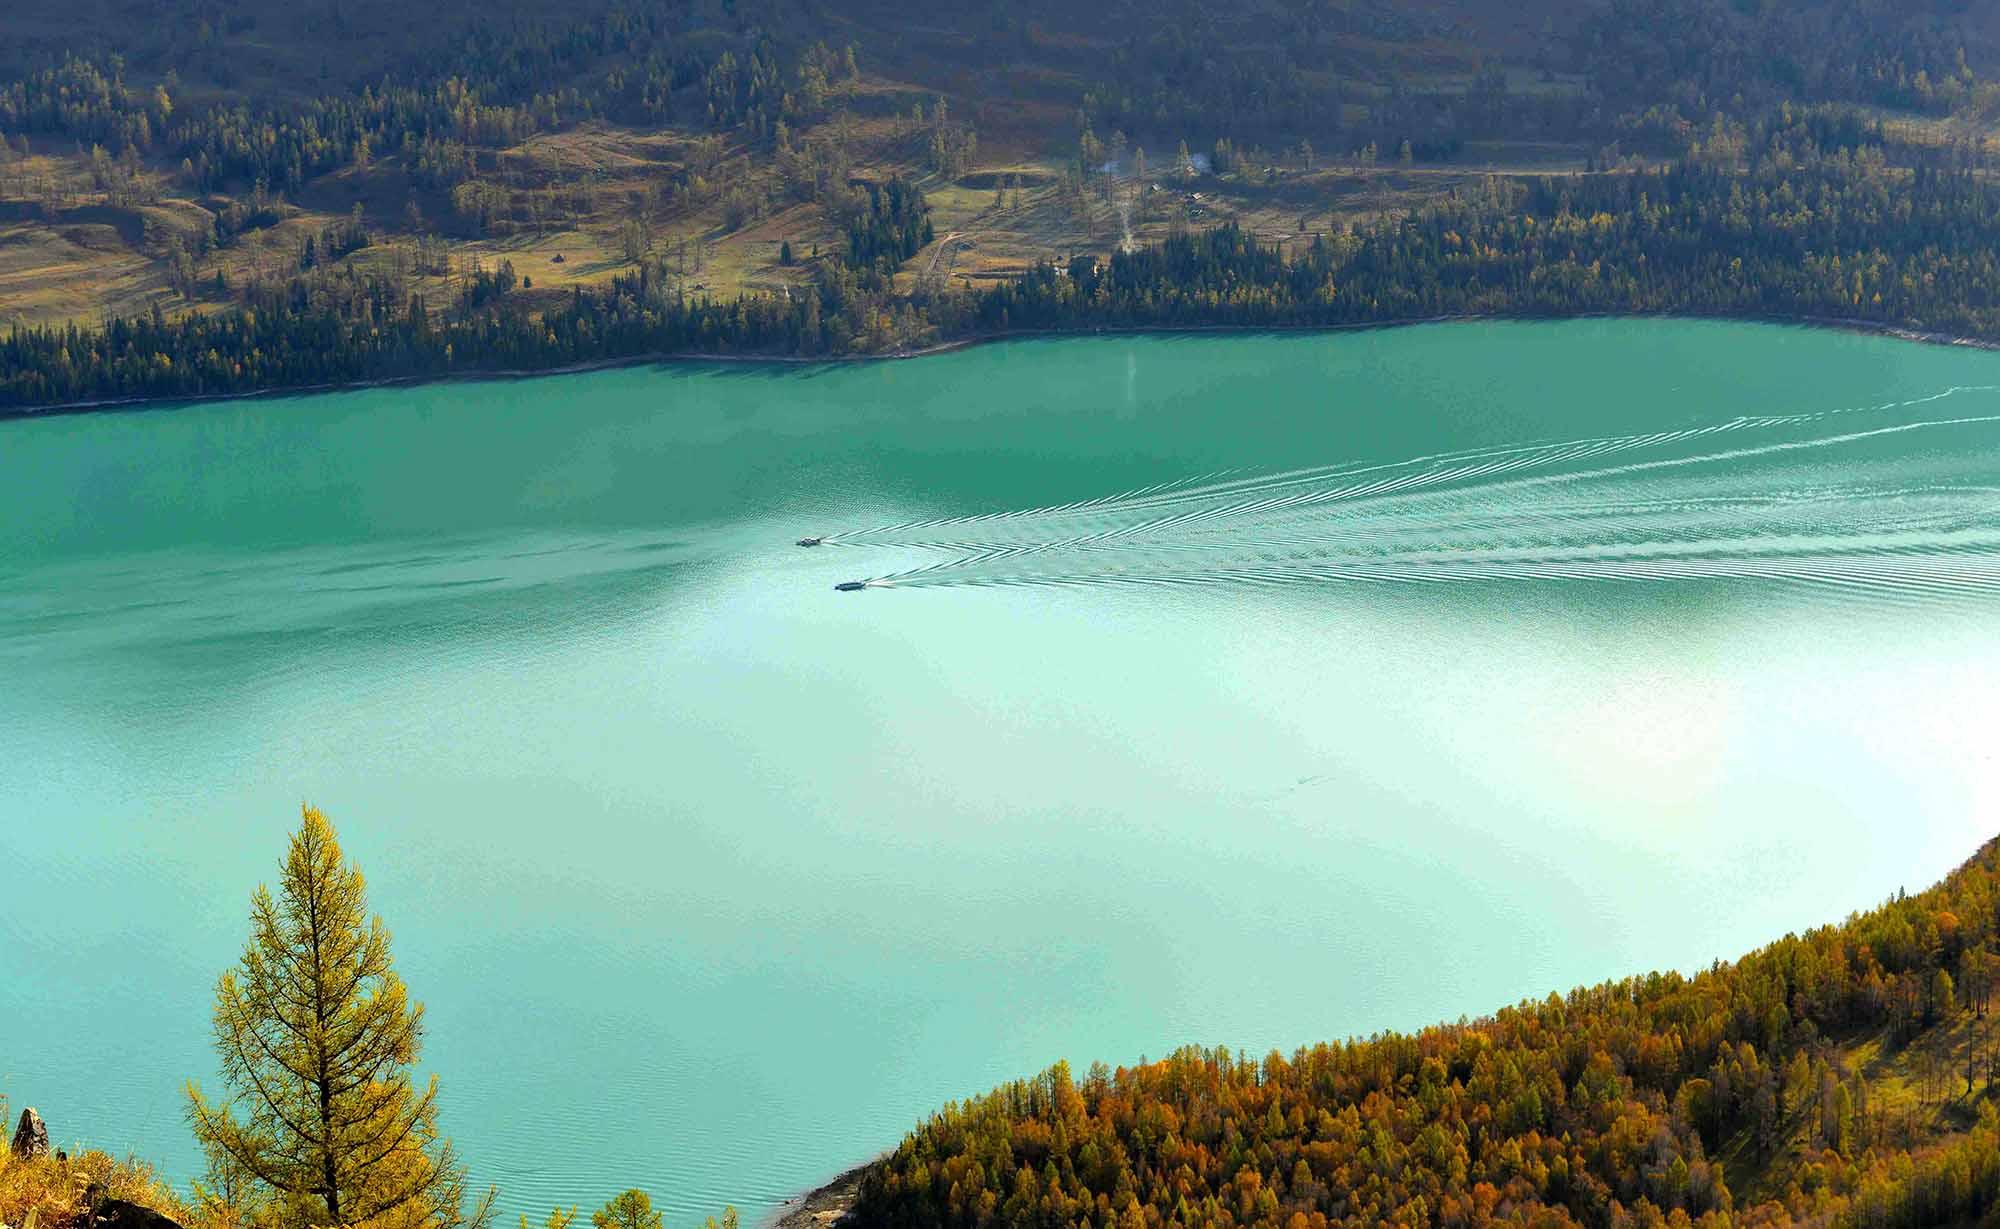 青岛去新疆旅游|青岛去新疆吐鲁番,天山天池,东方瑞士